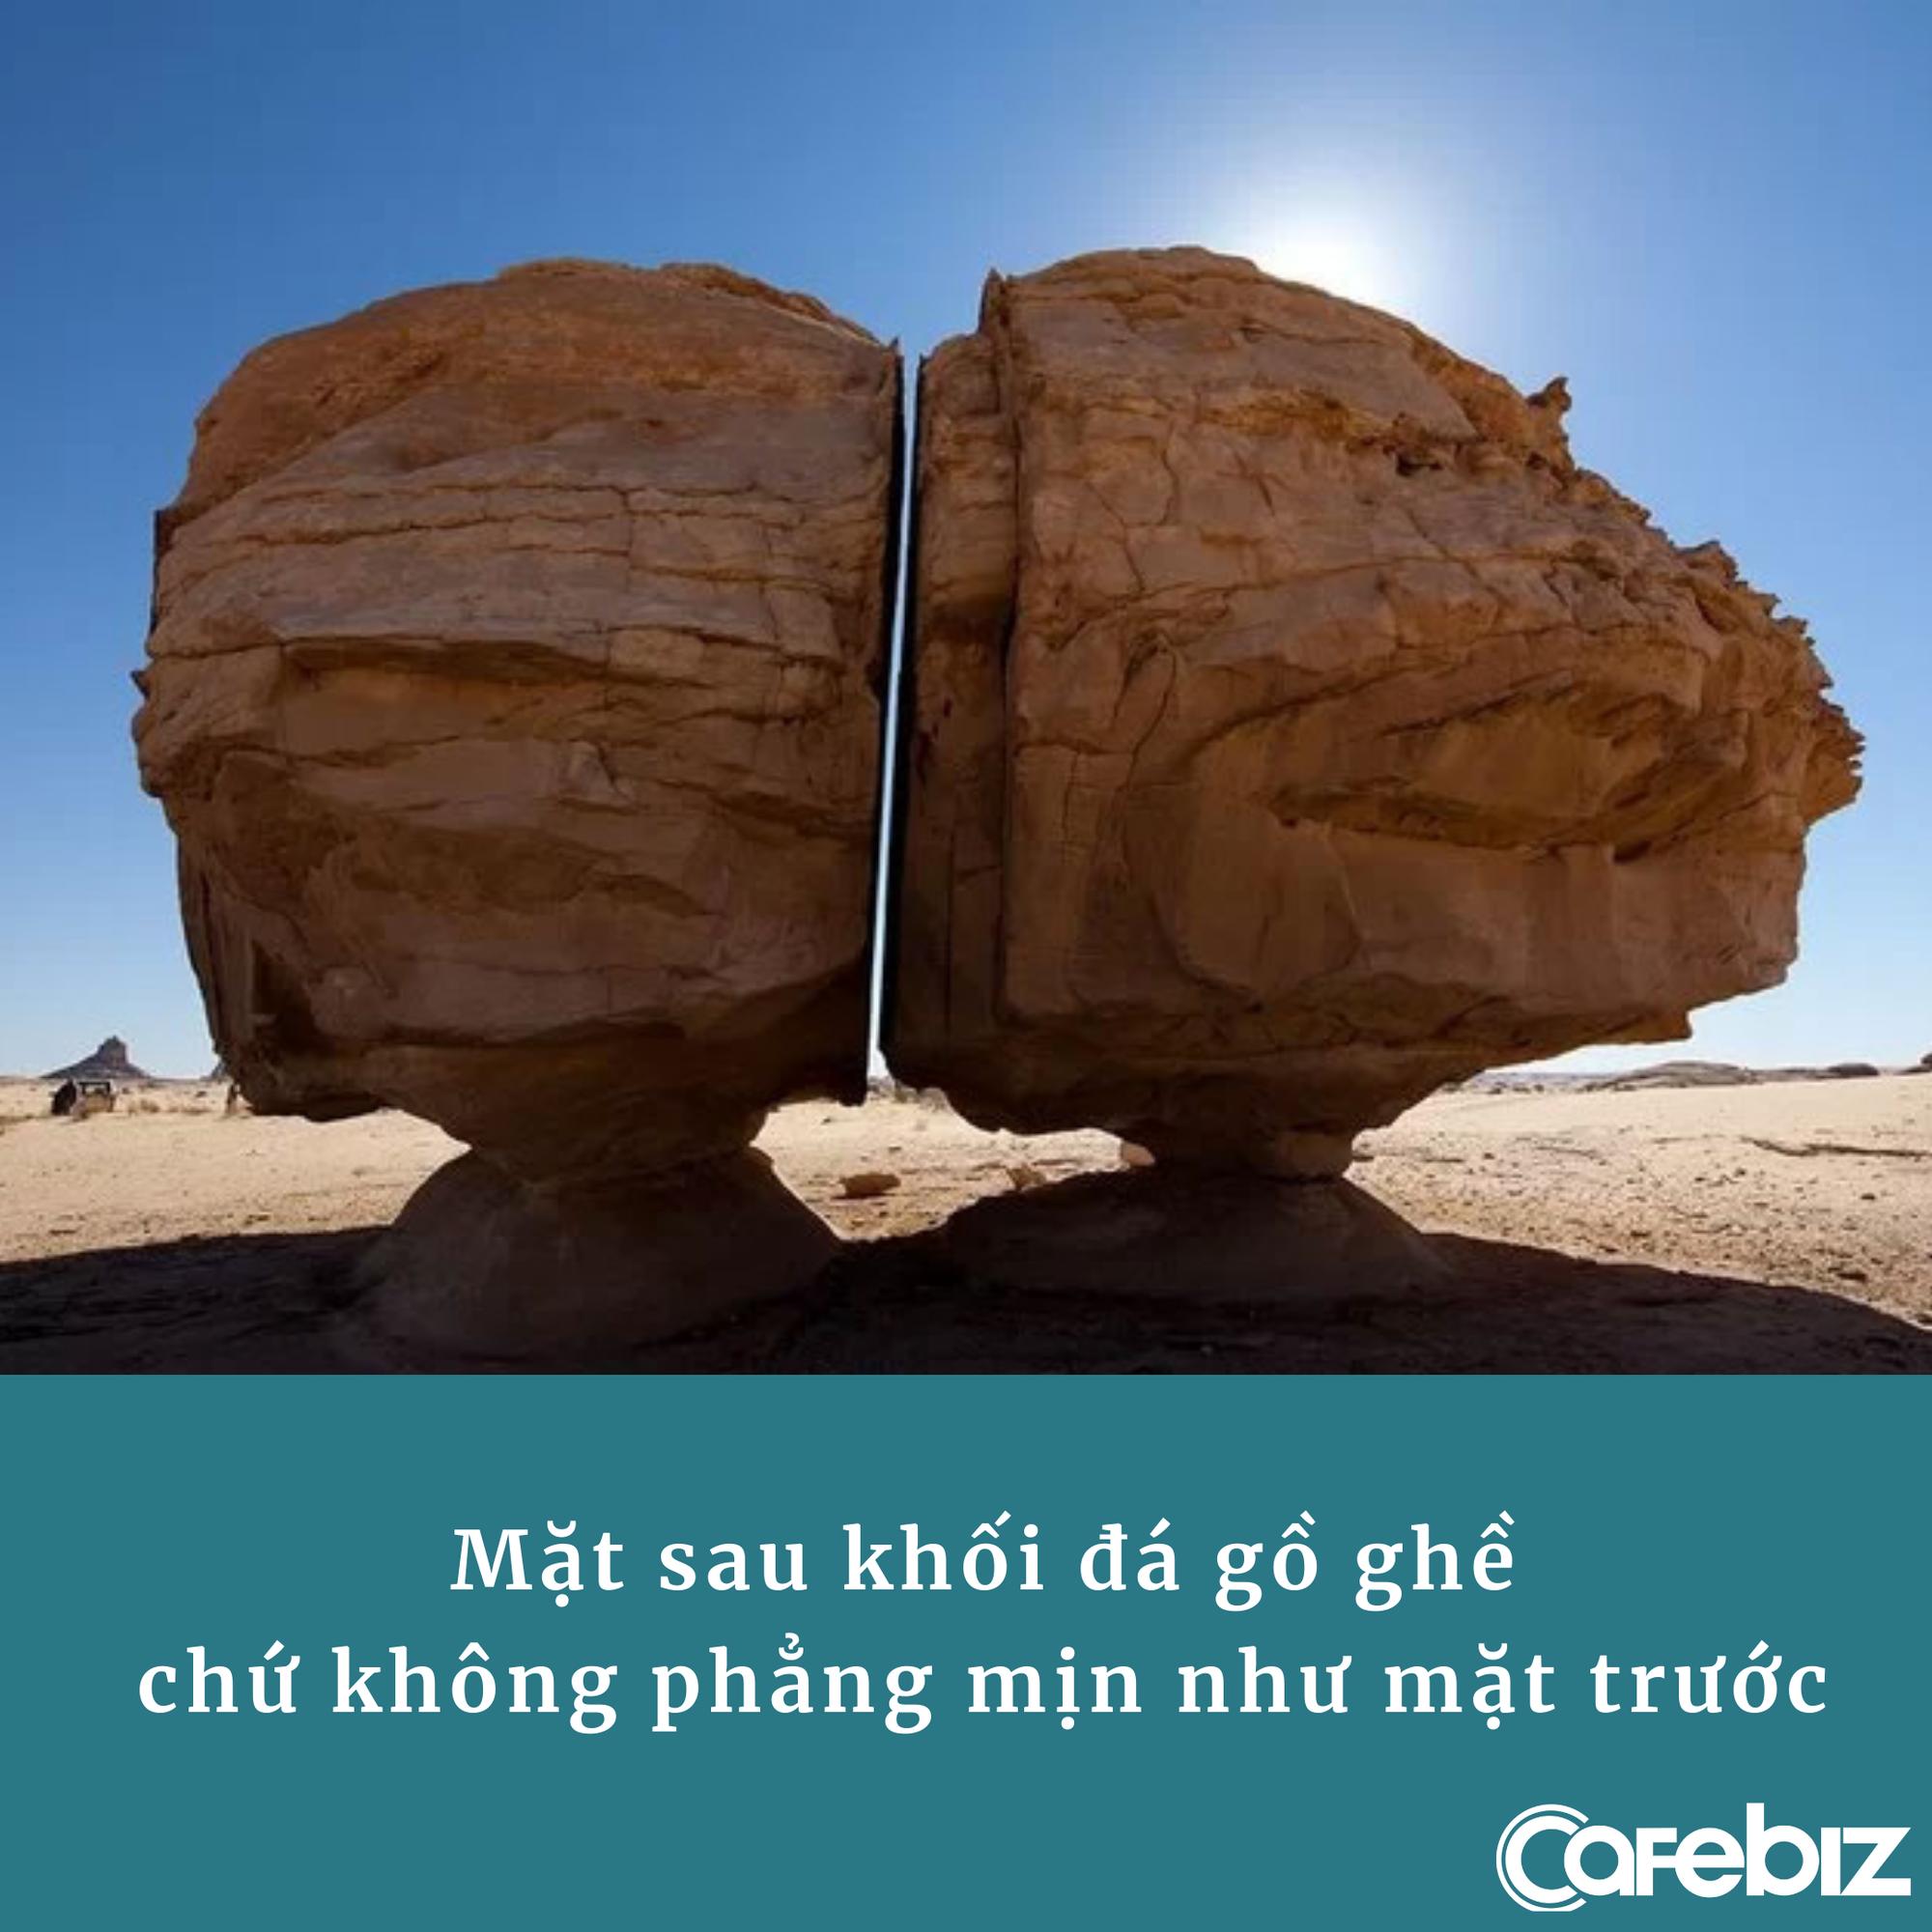 Khối đá vạn năm tuổi, nặng cả trăm tấn bị chia đôi hoàn hảo bởi vết cắt bí ẩn - Ảnh 2.